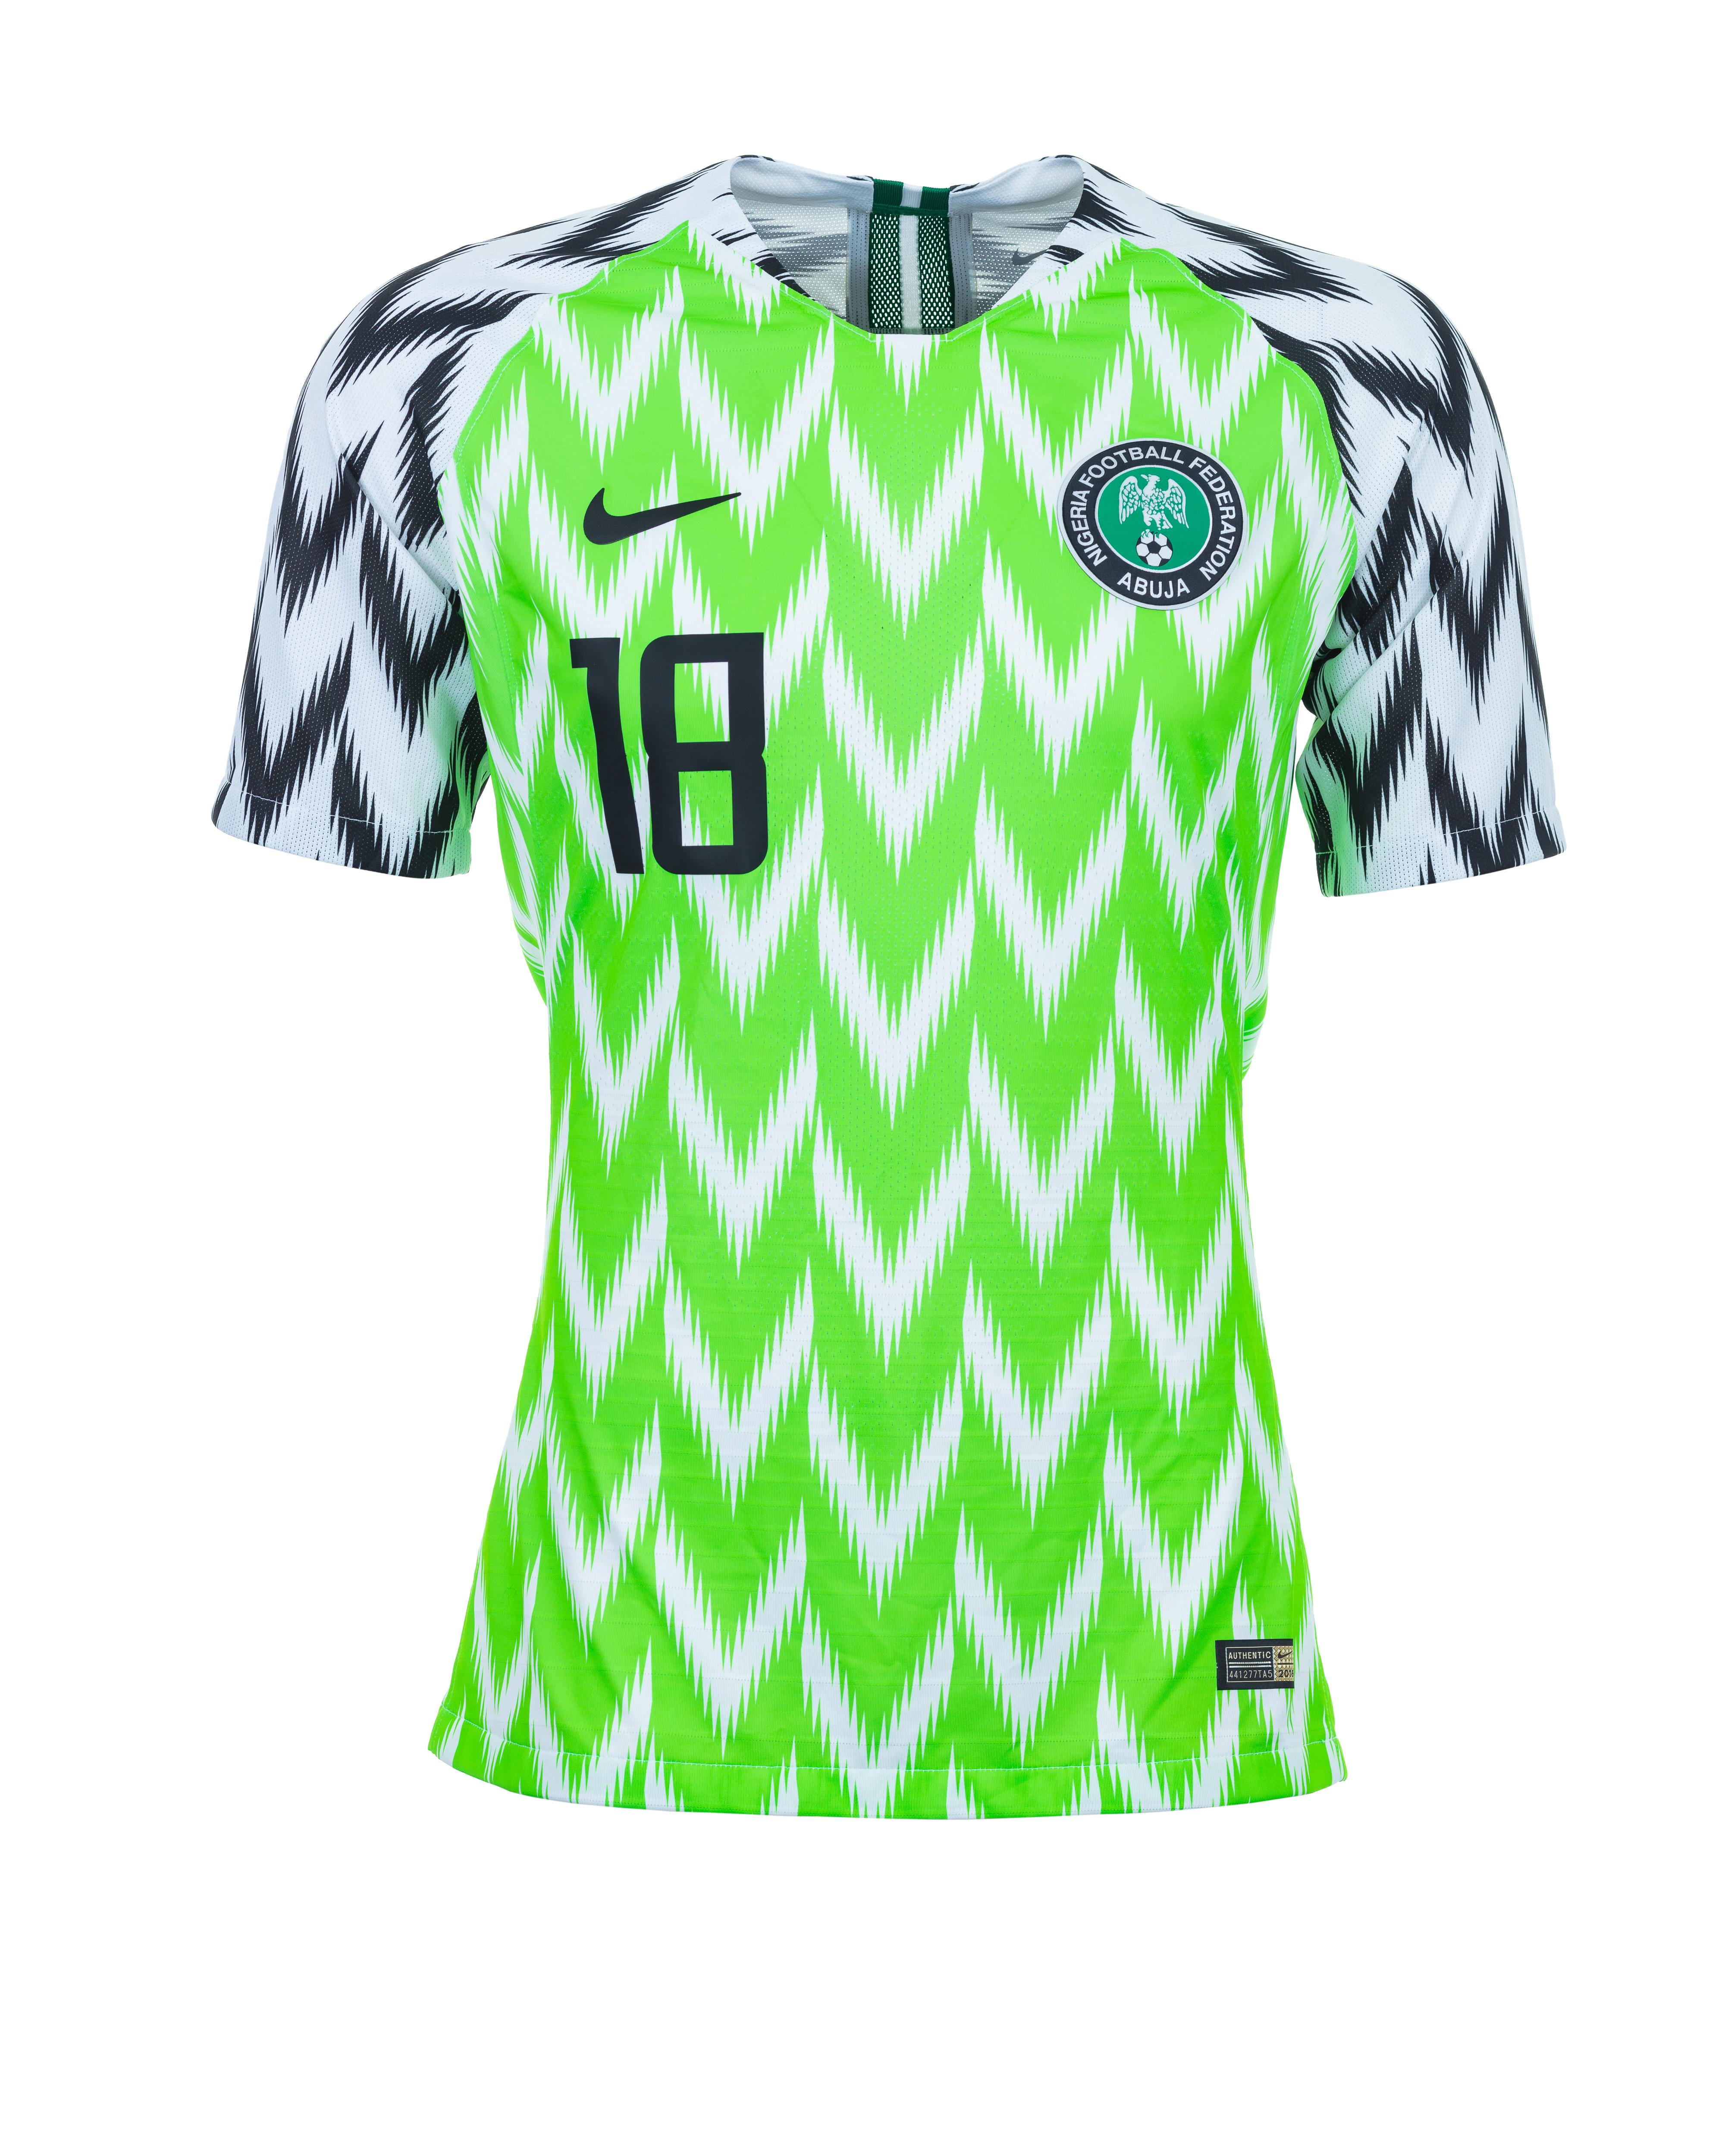 Fornecedora recebe 3 milhões de pedidos pela nova camisa da Nigéria ... 3c63cb5aeeea9